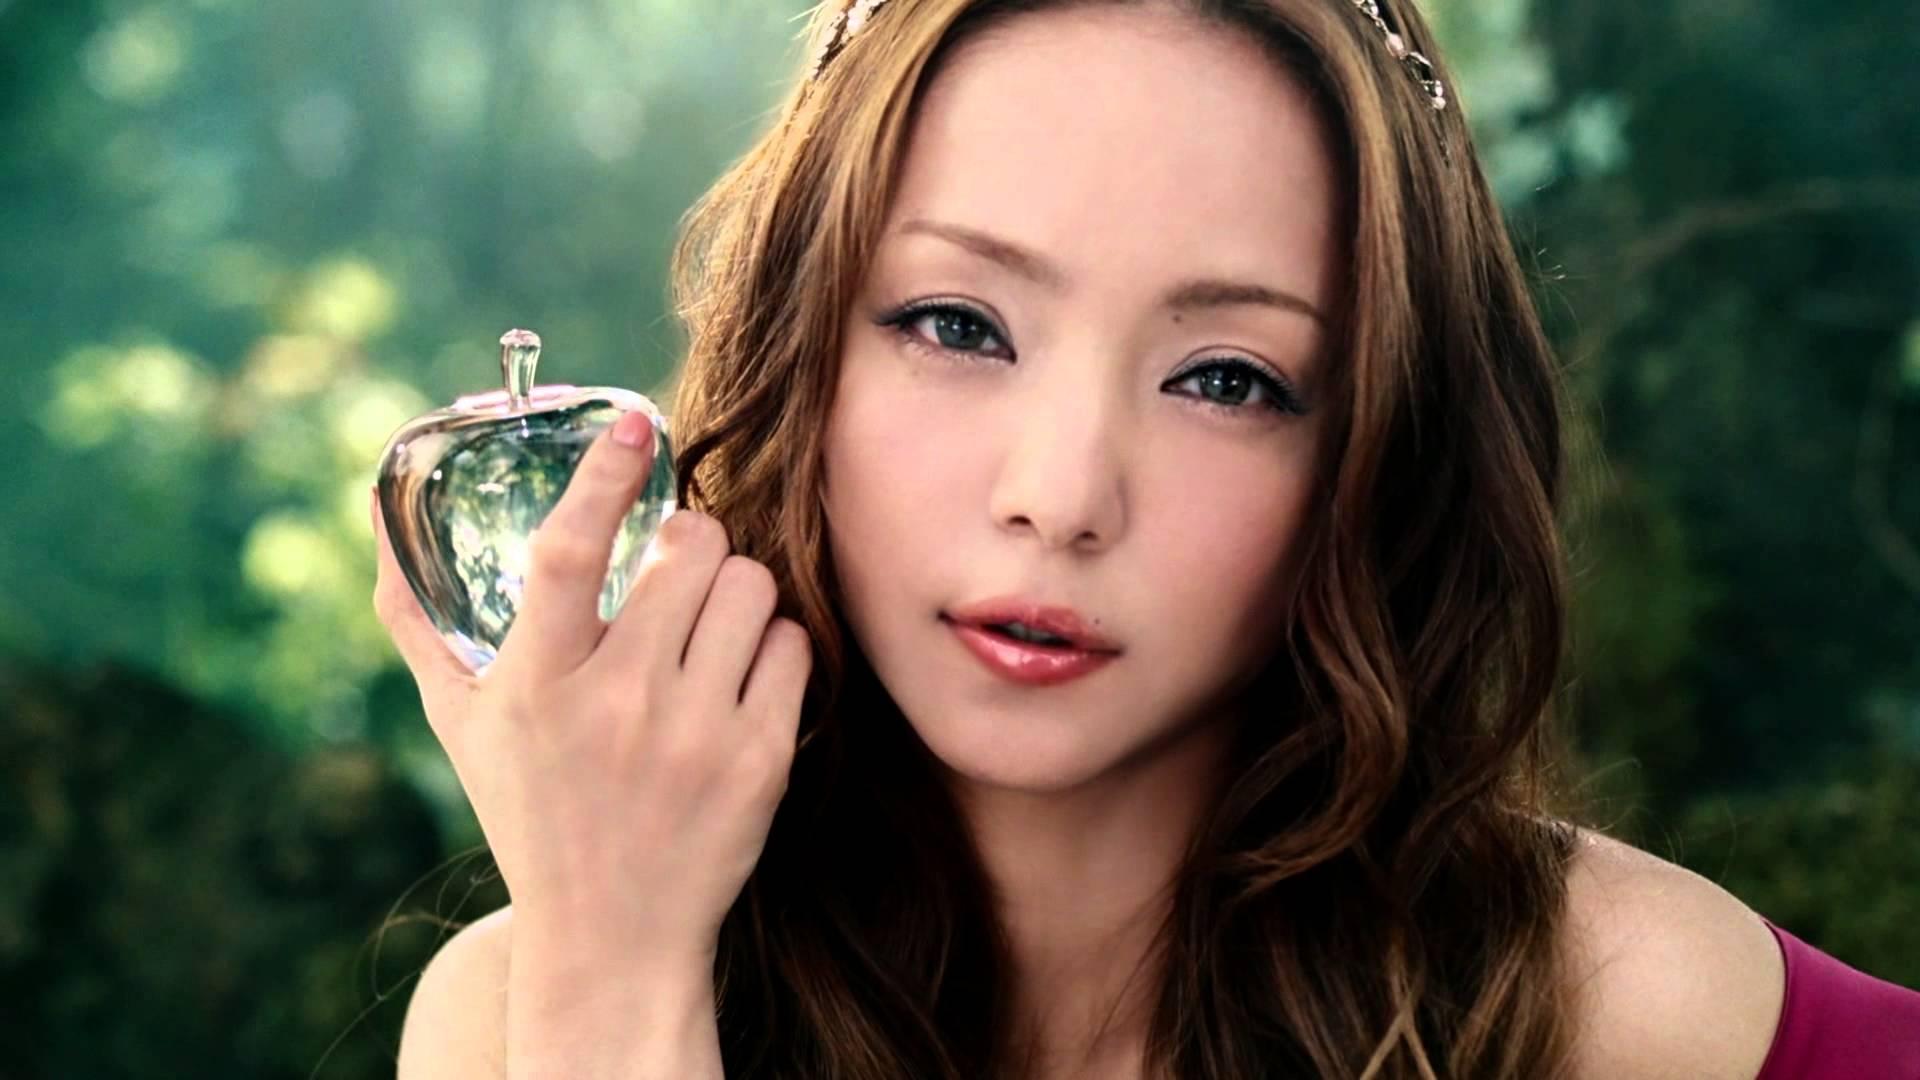 可愛すぎる!進化を続ける安室奈美恵の魅力が詰まったCM特集!のサムネイル画像